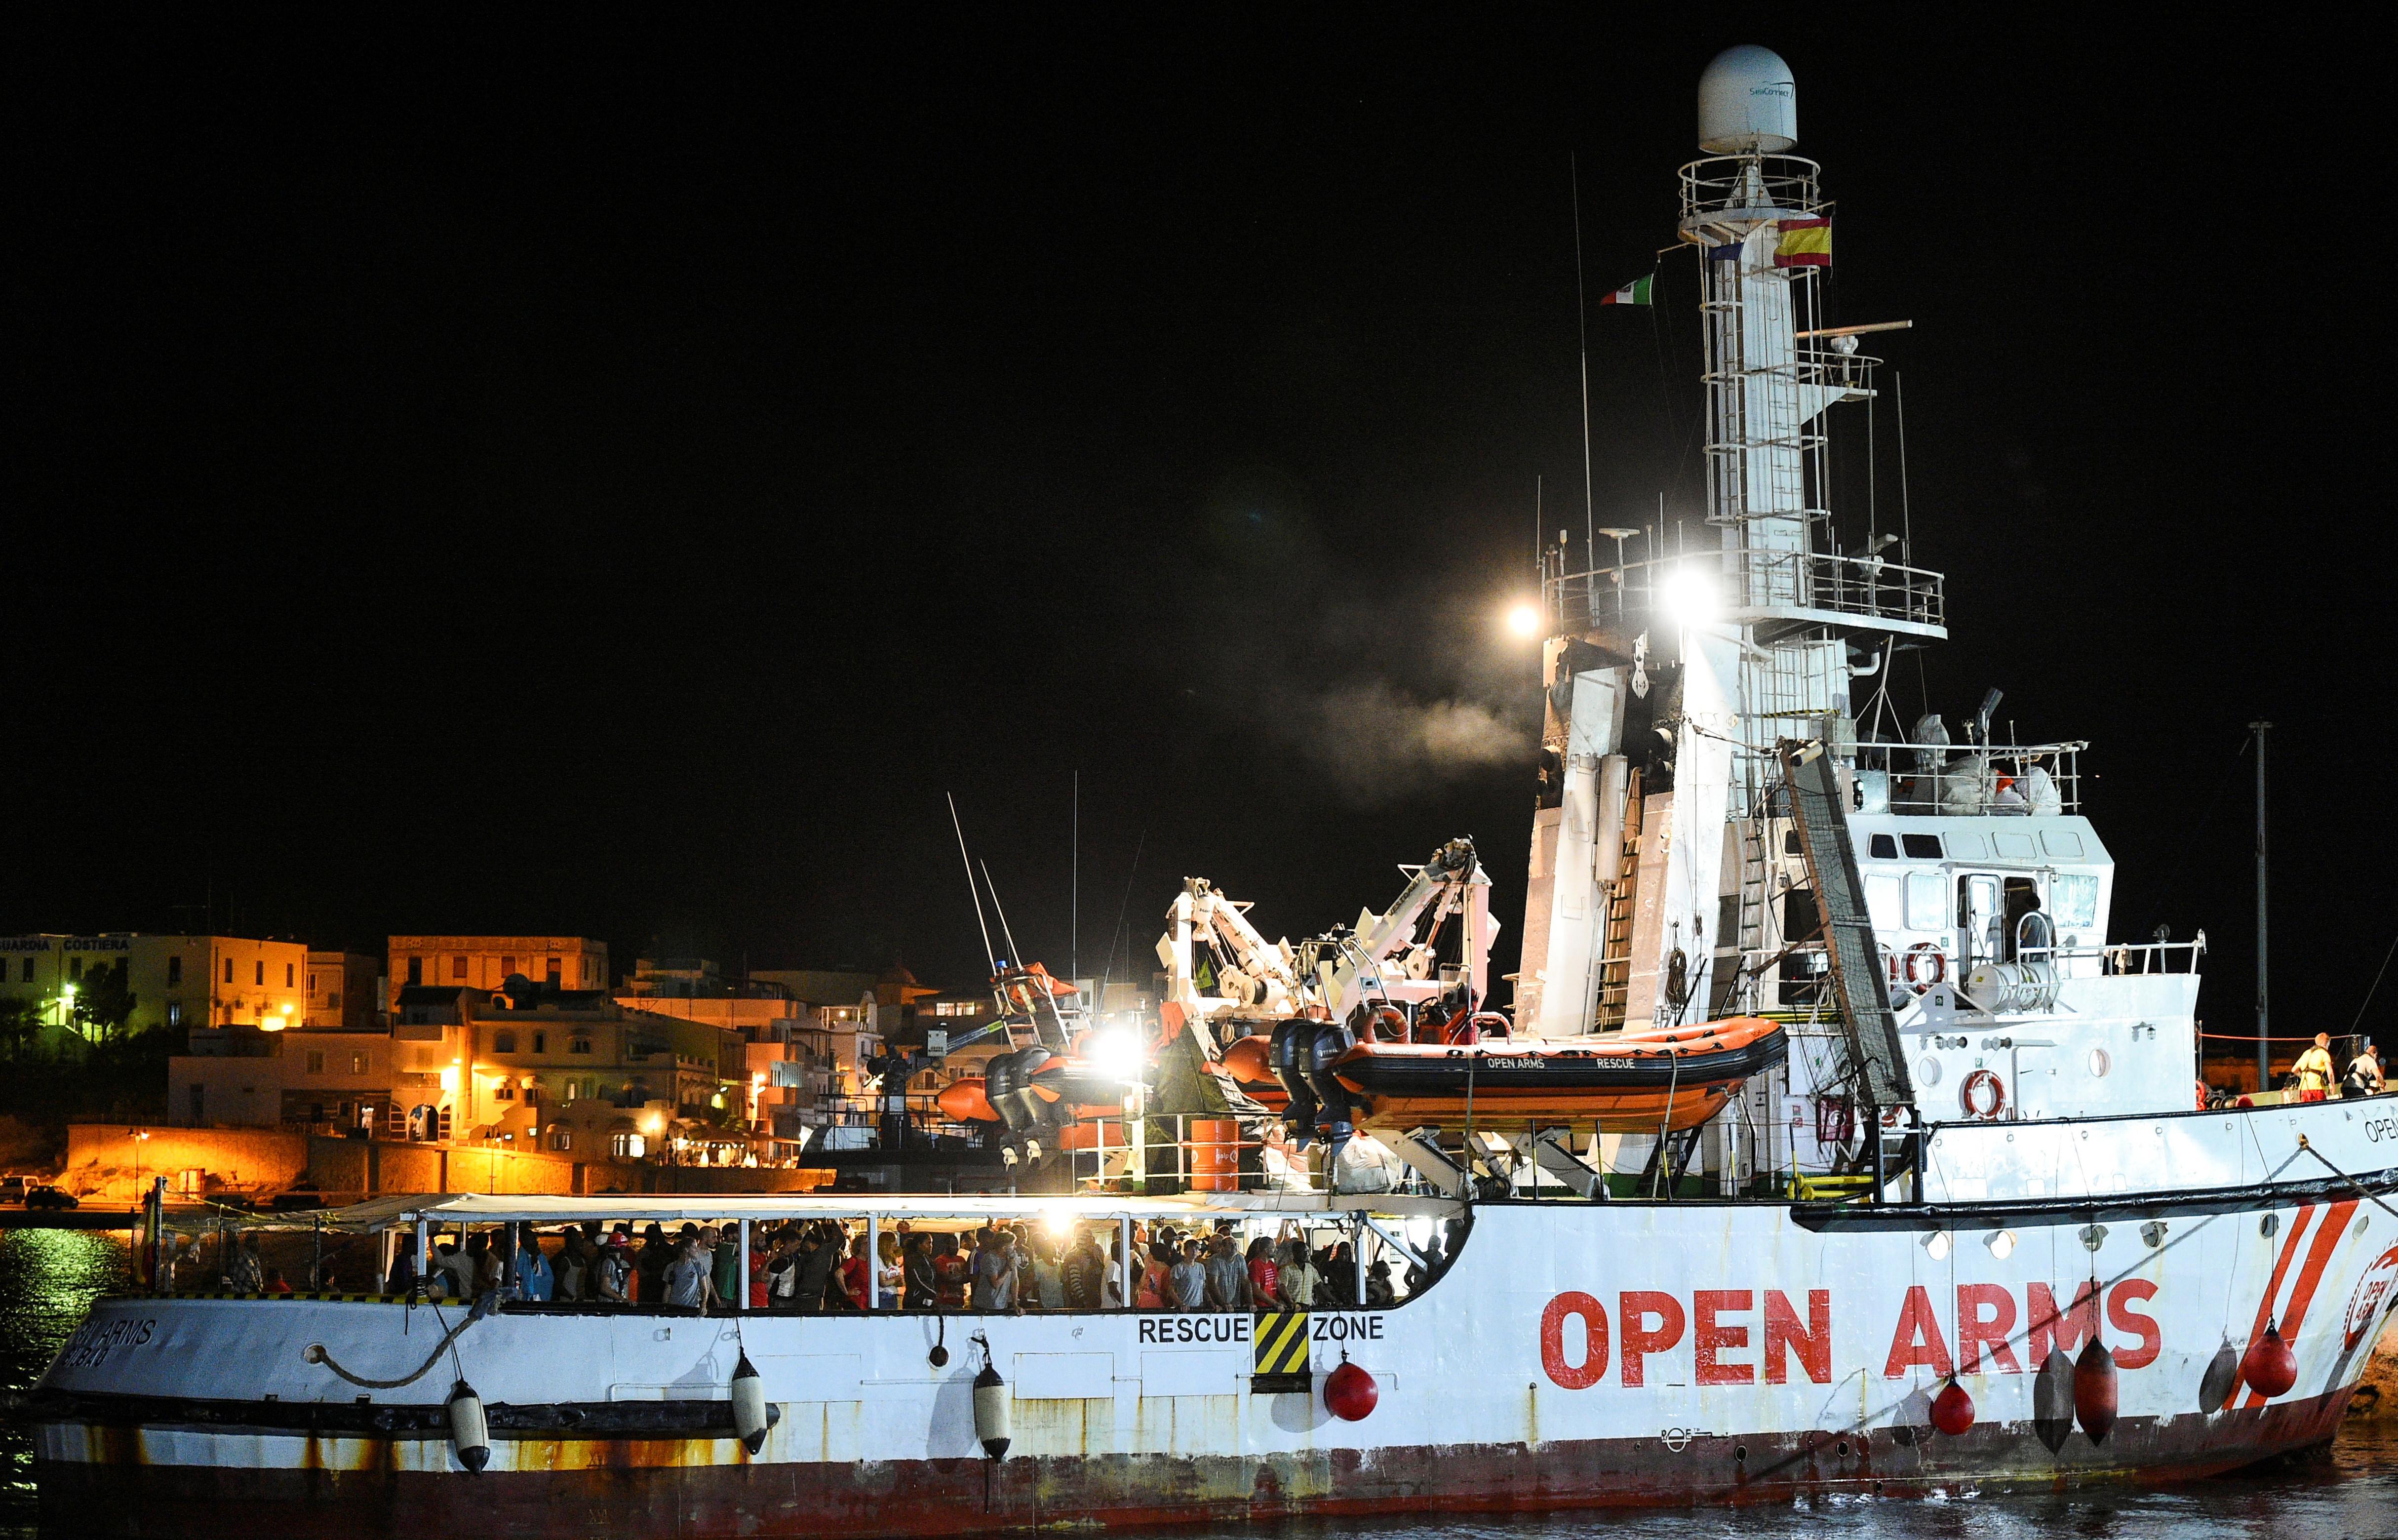 Des migrants débarquent d'un navire de sauvetage à bras ouverts sur l'île italienne de Lampedusa